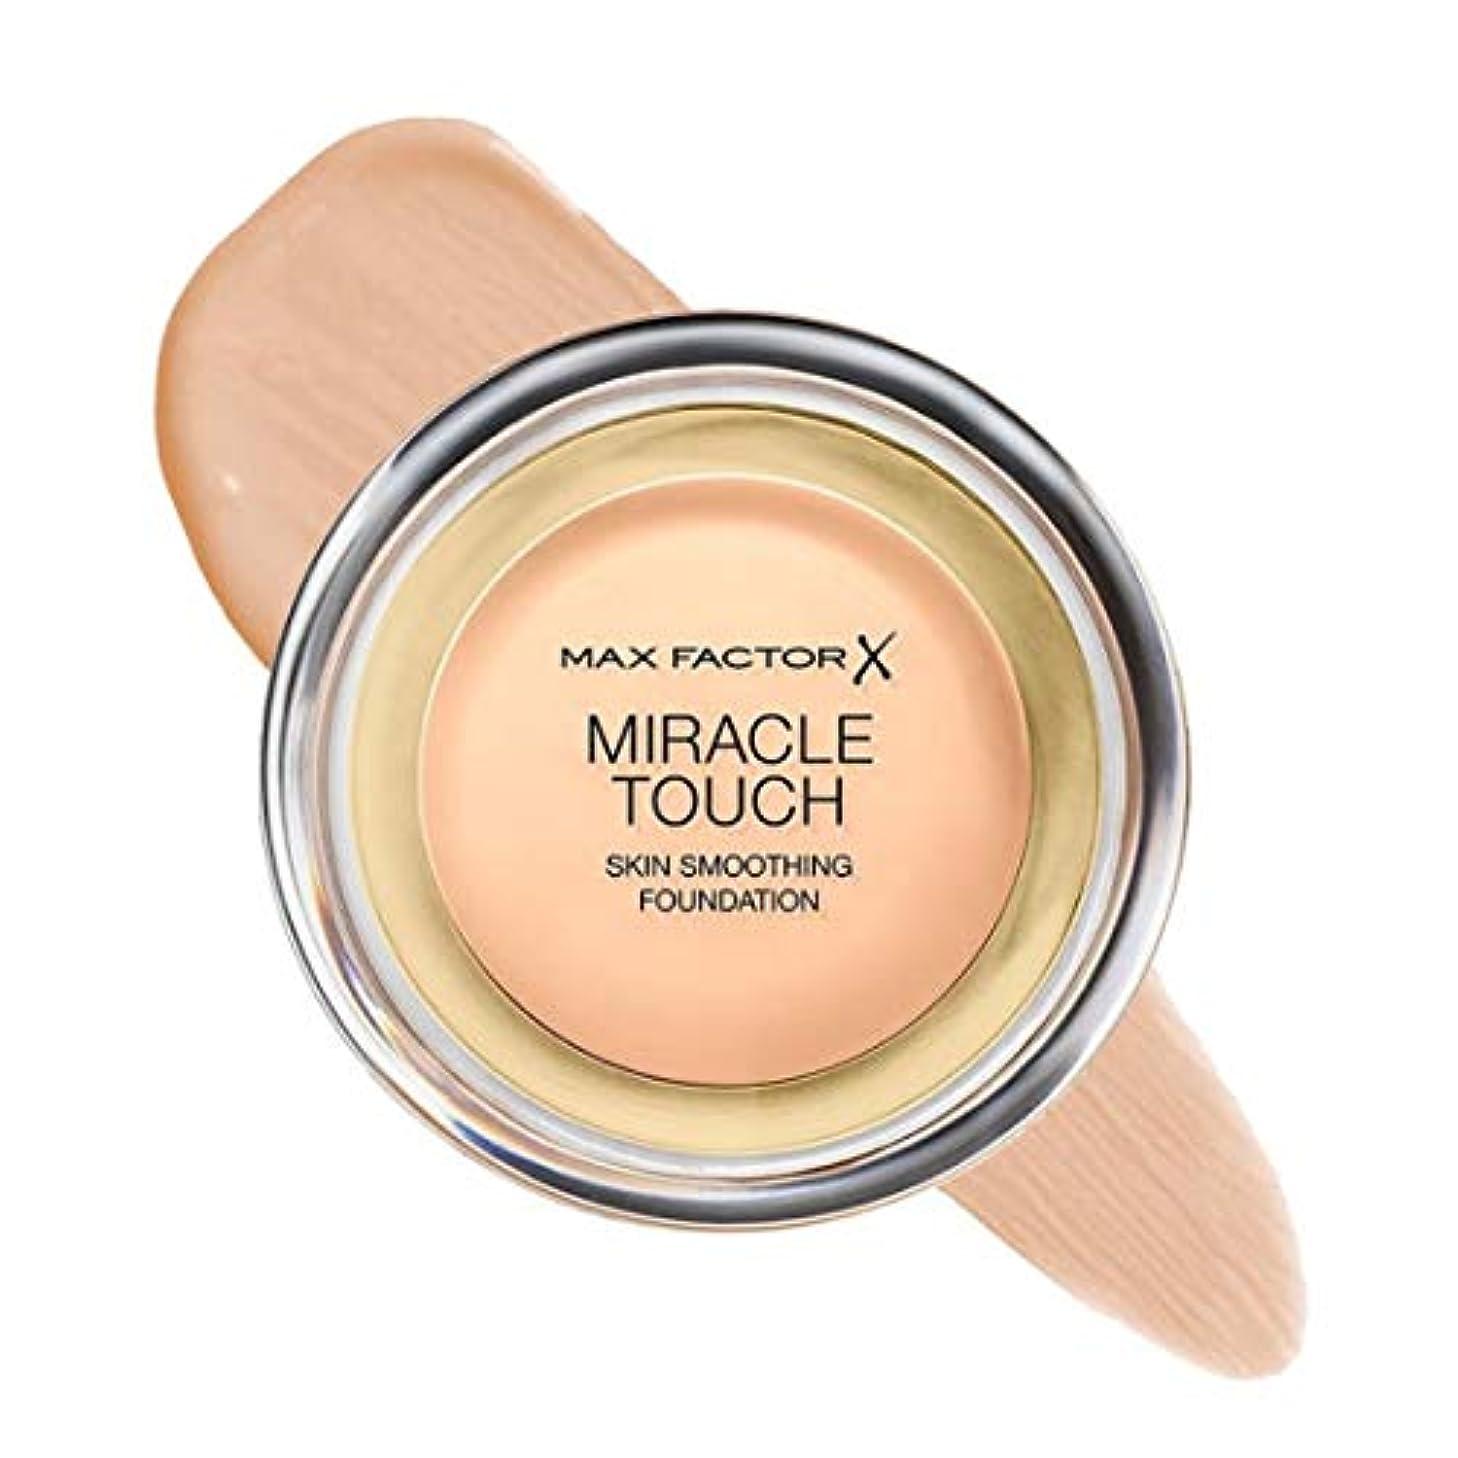 規範決定する良性マックス ファクター ミラクル タッチ スキン スムーズ ファウンデーション - ナチュラル Max Factor Miracle Touch Skin Smoothing Foundation - Natural 070 [並行輸入品]